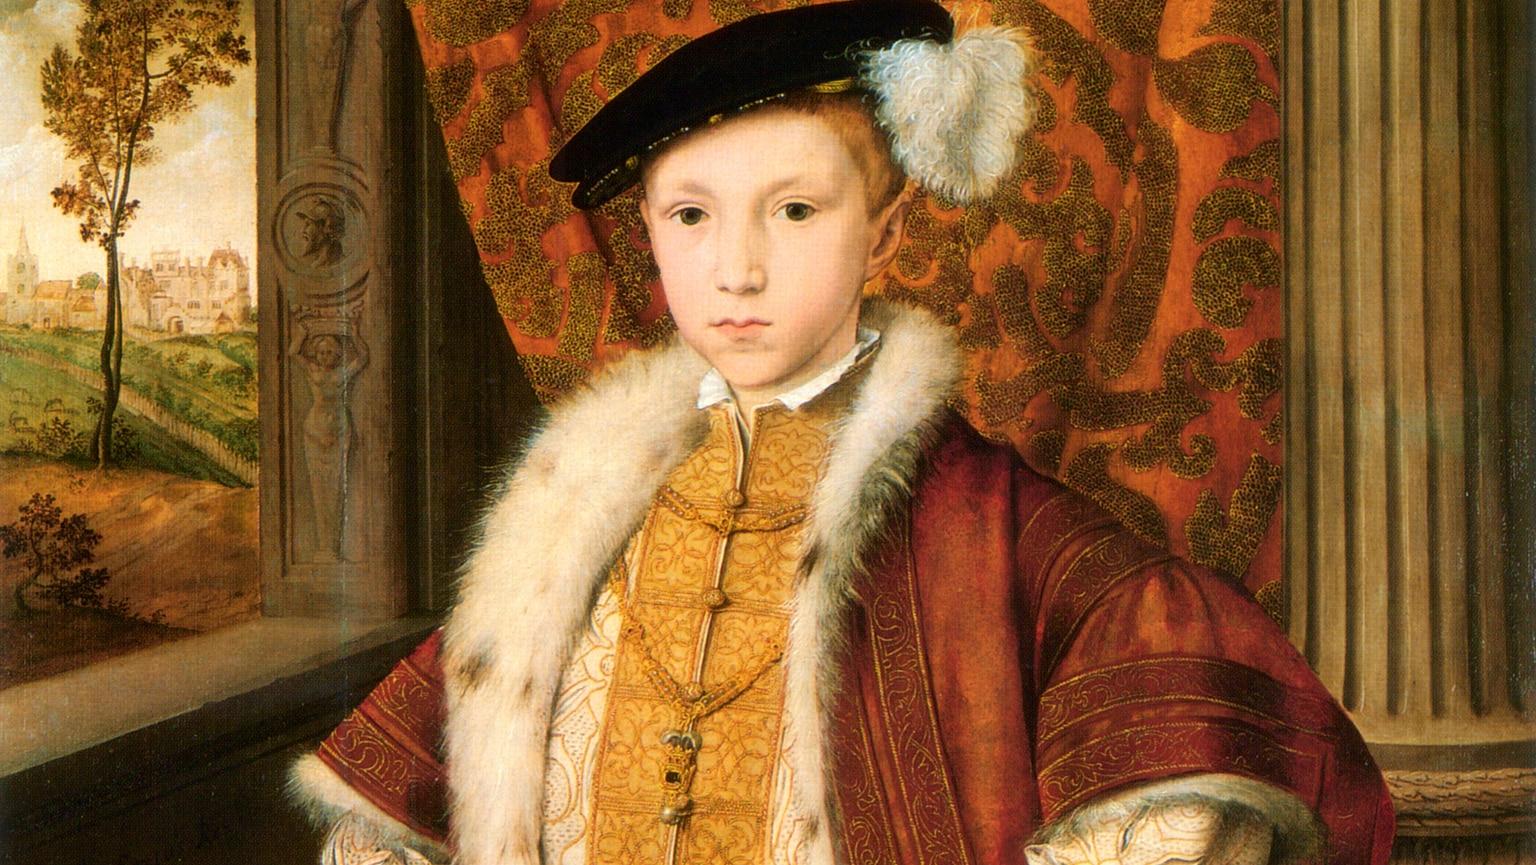 Edward VI—1547-53